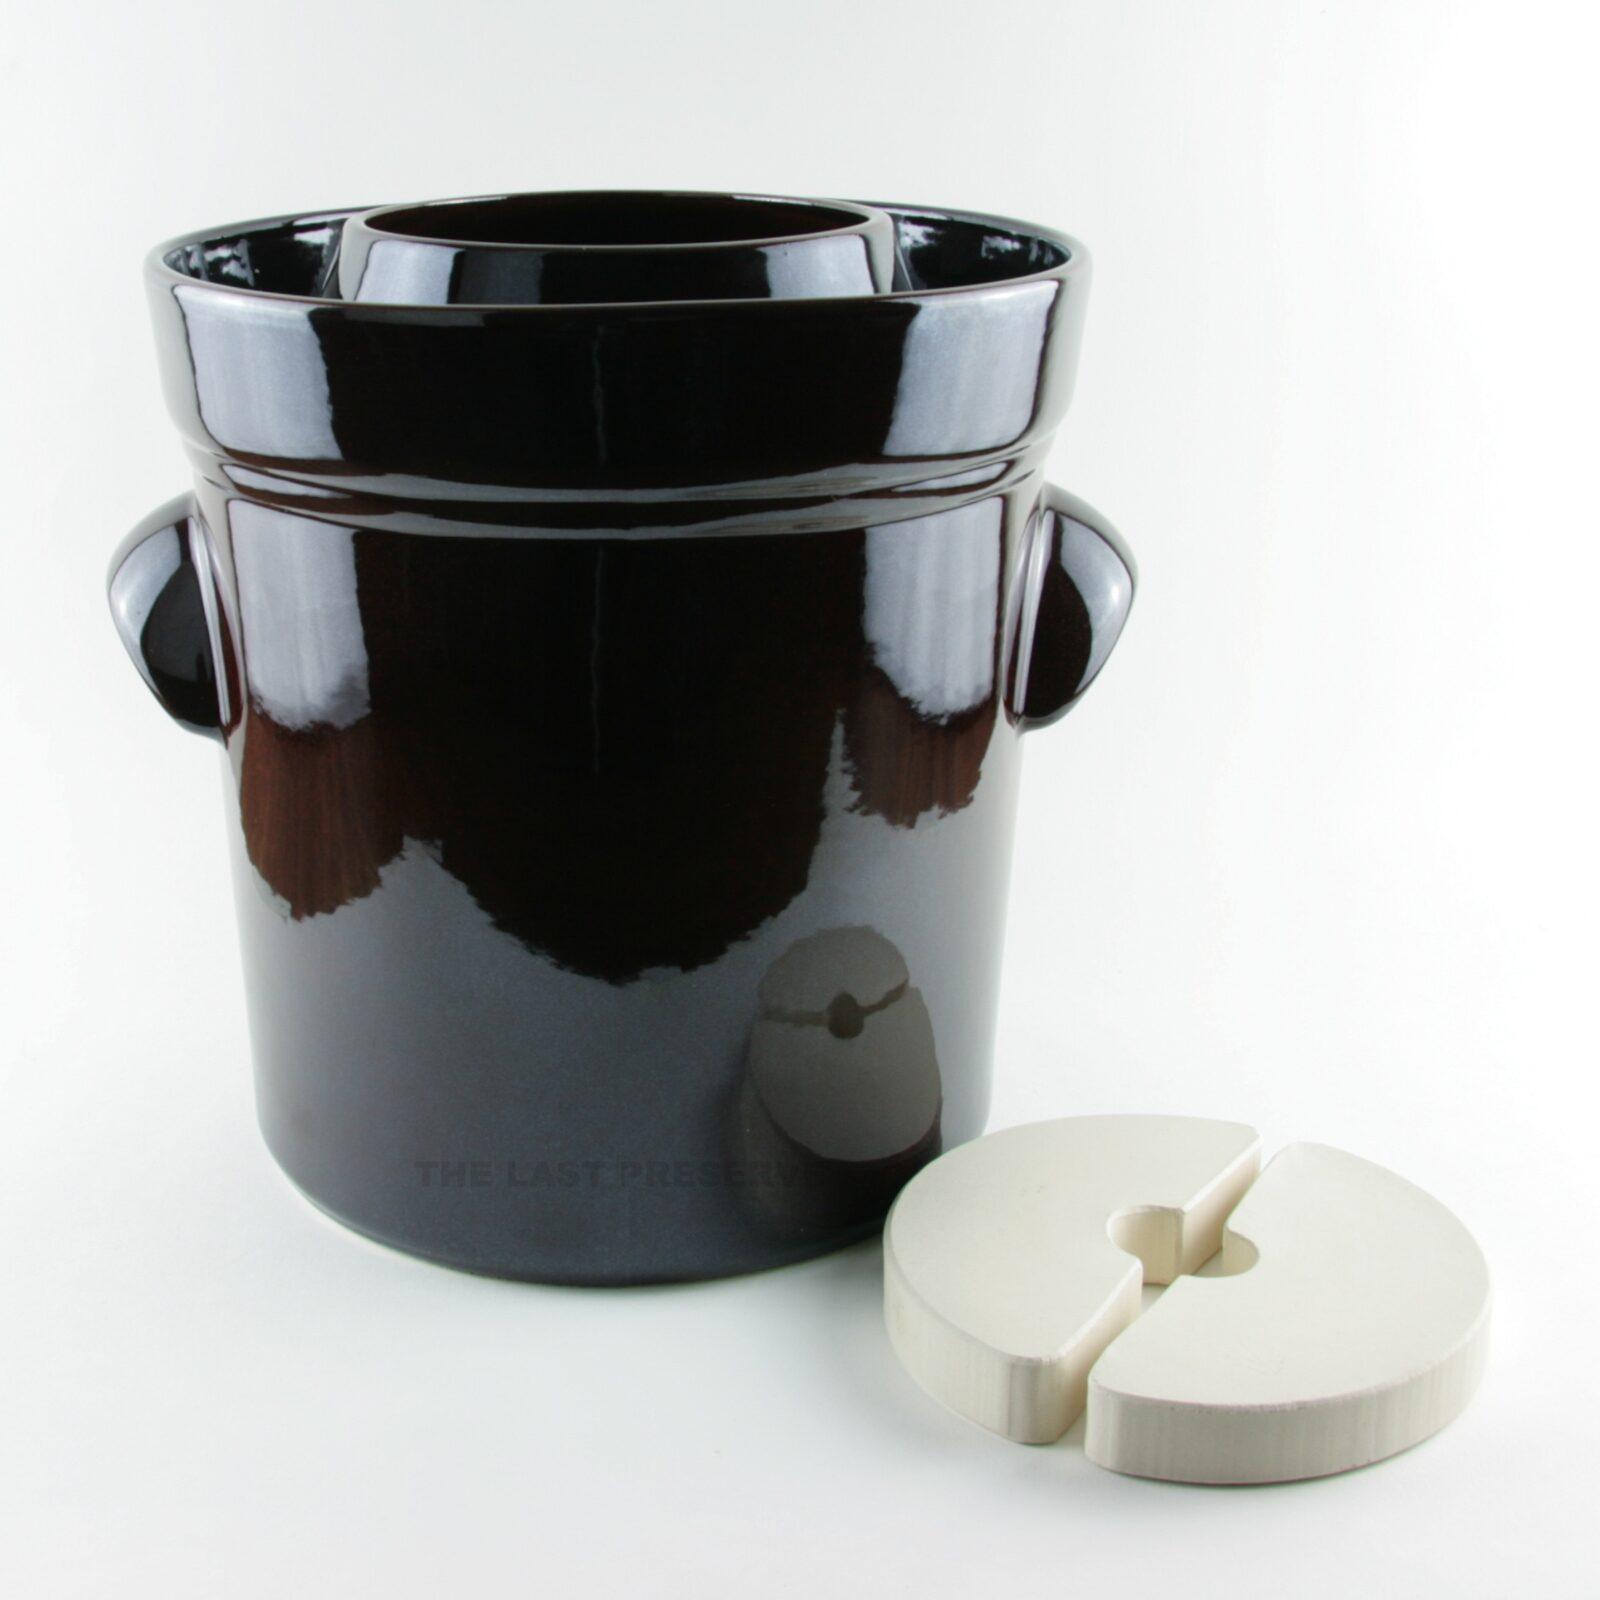 15 litre brown ceramic fermentation crocks by Zaklady Ceramiczne Boleslawiec